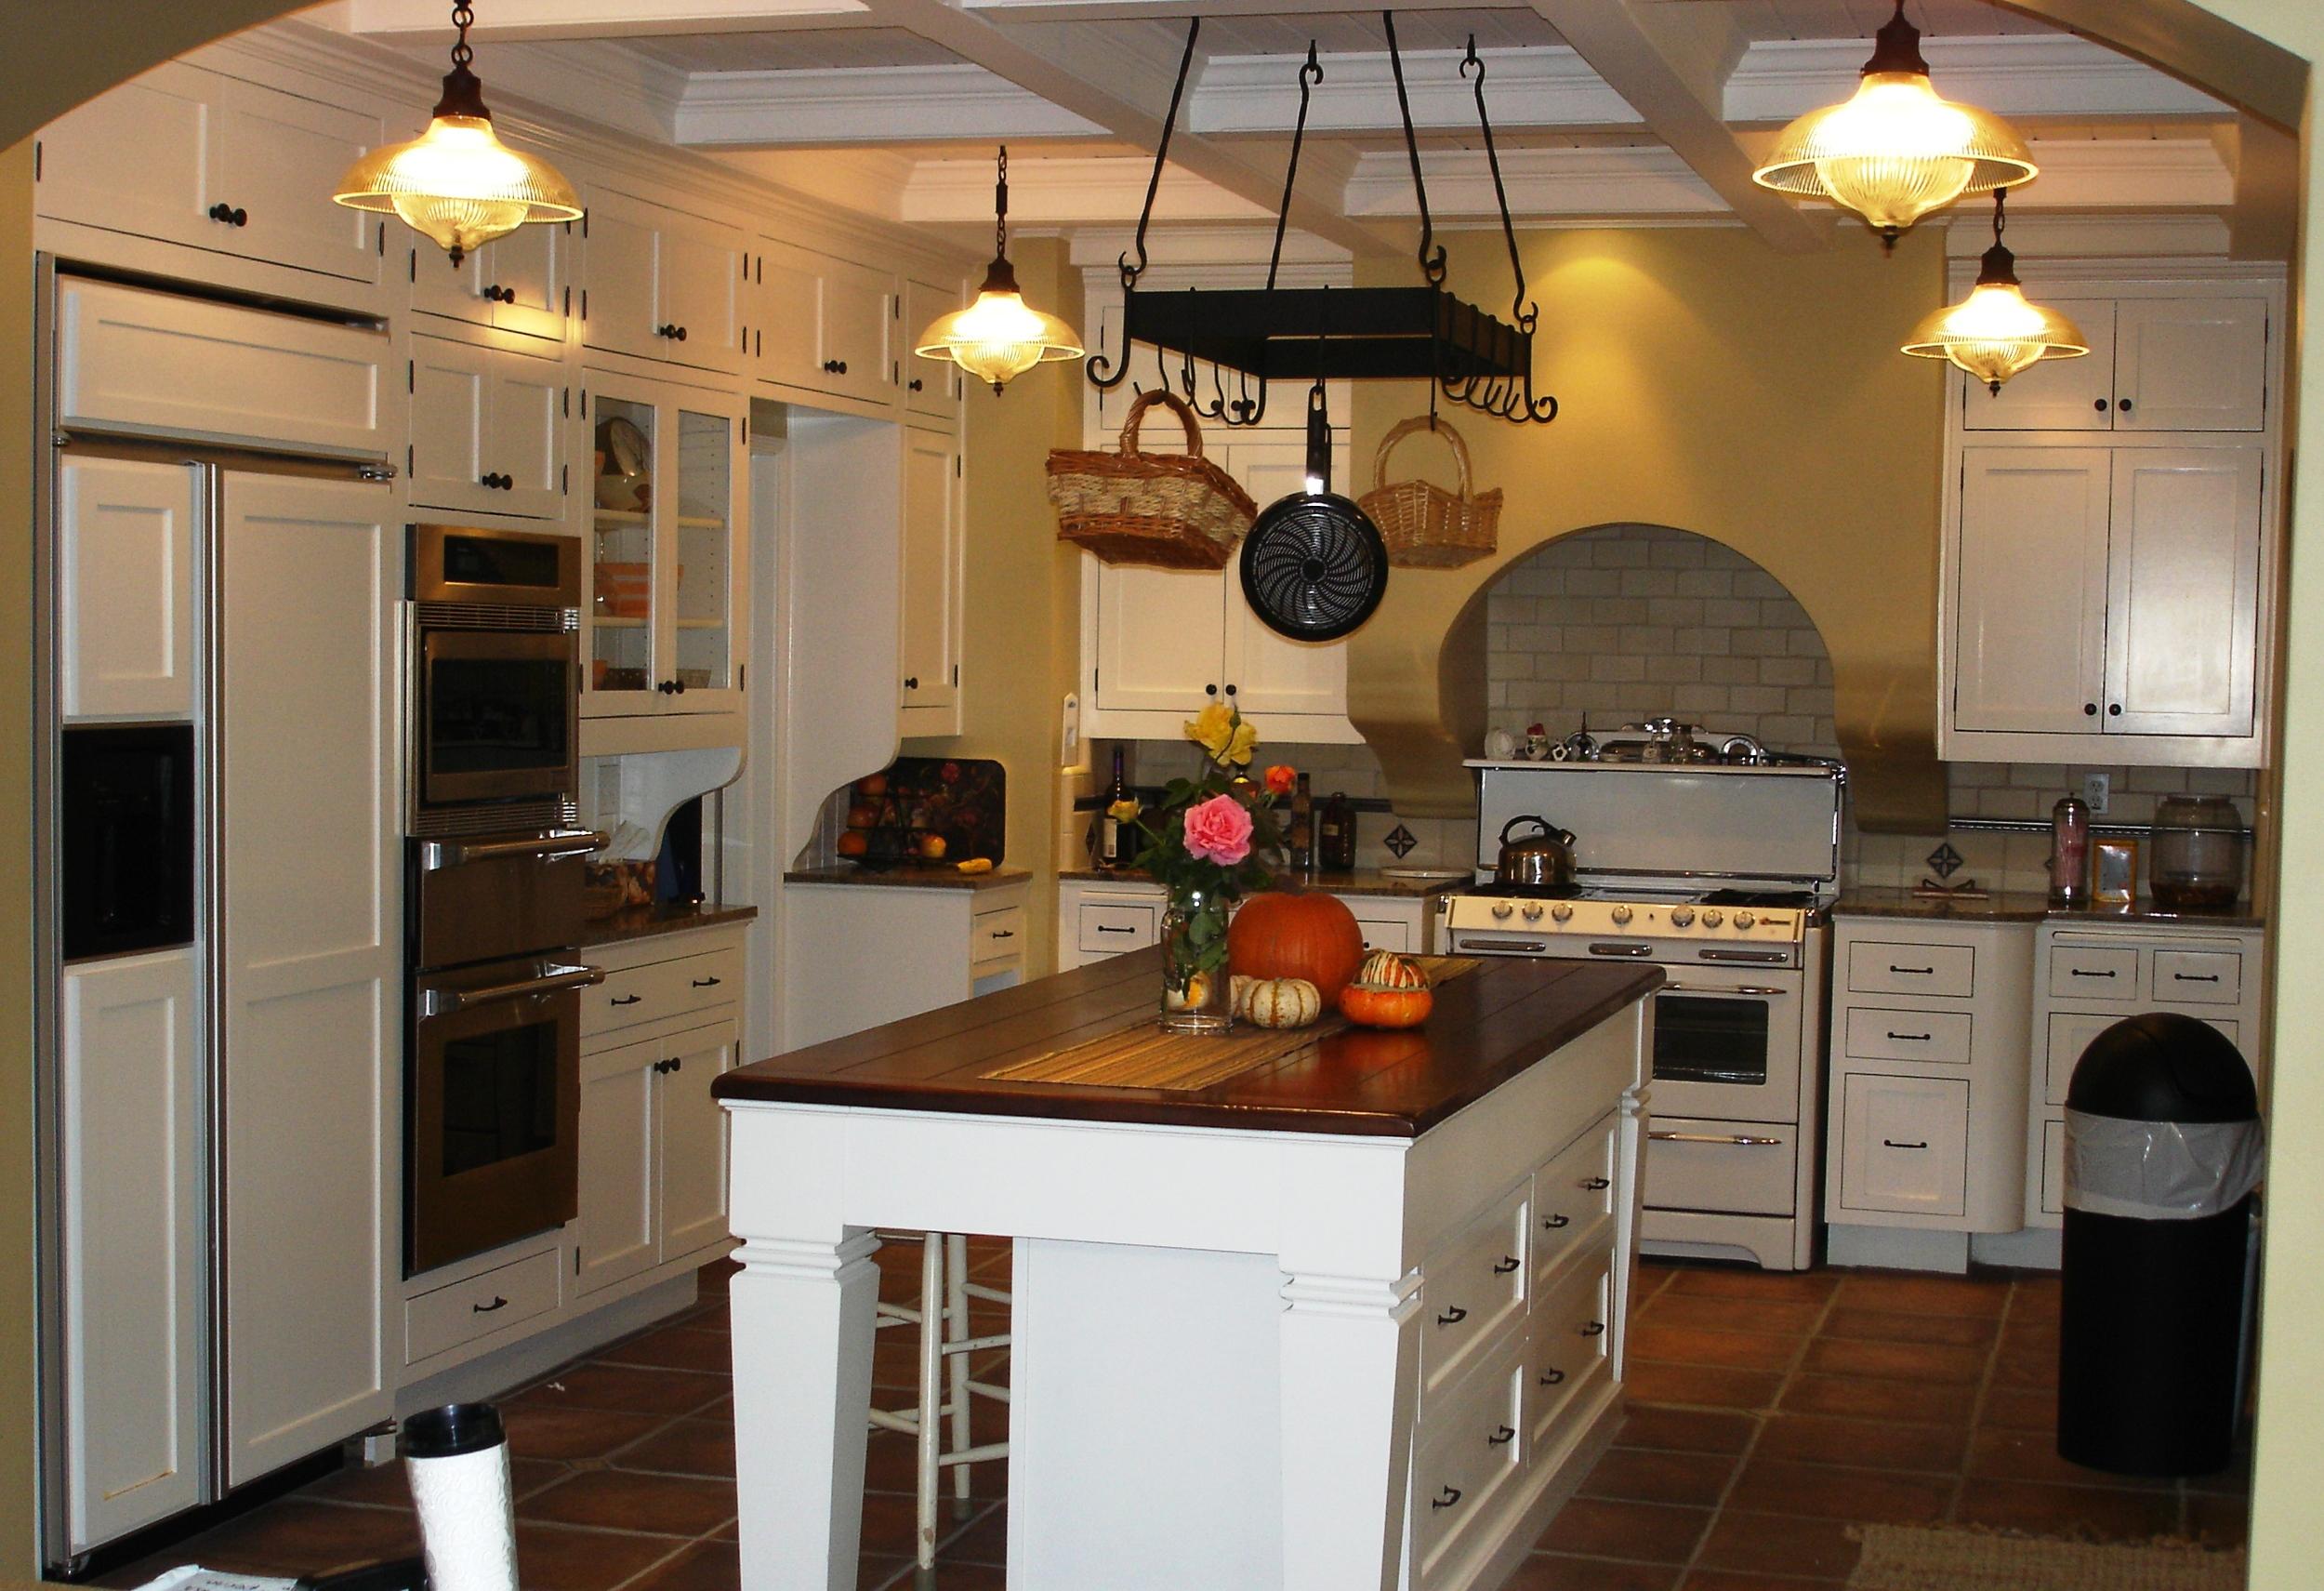 Cauffman kitchen 2.jpg